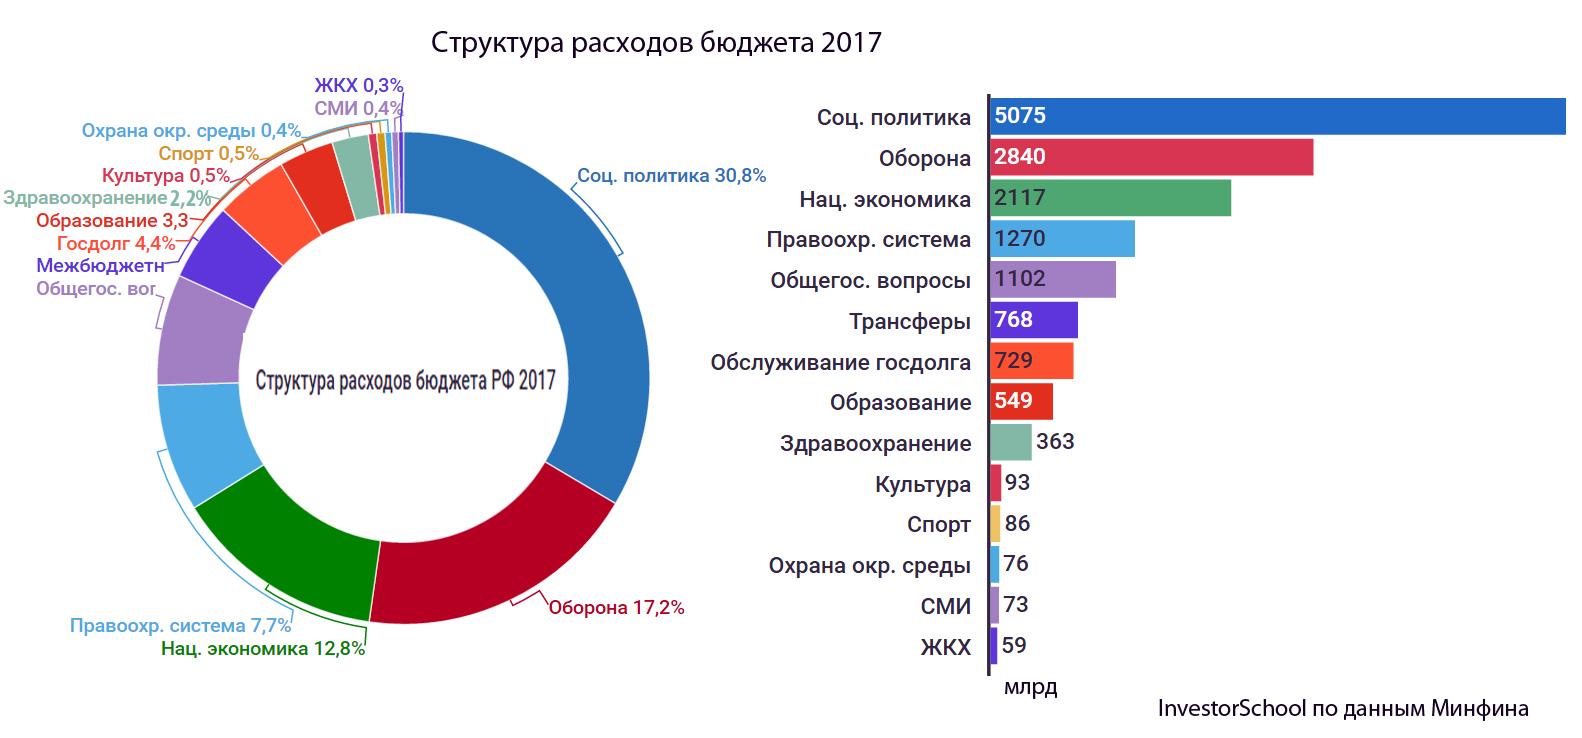 бюджет россии на 2017 год